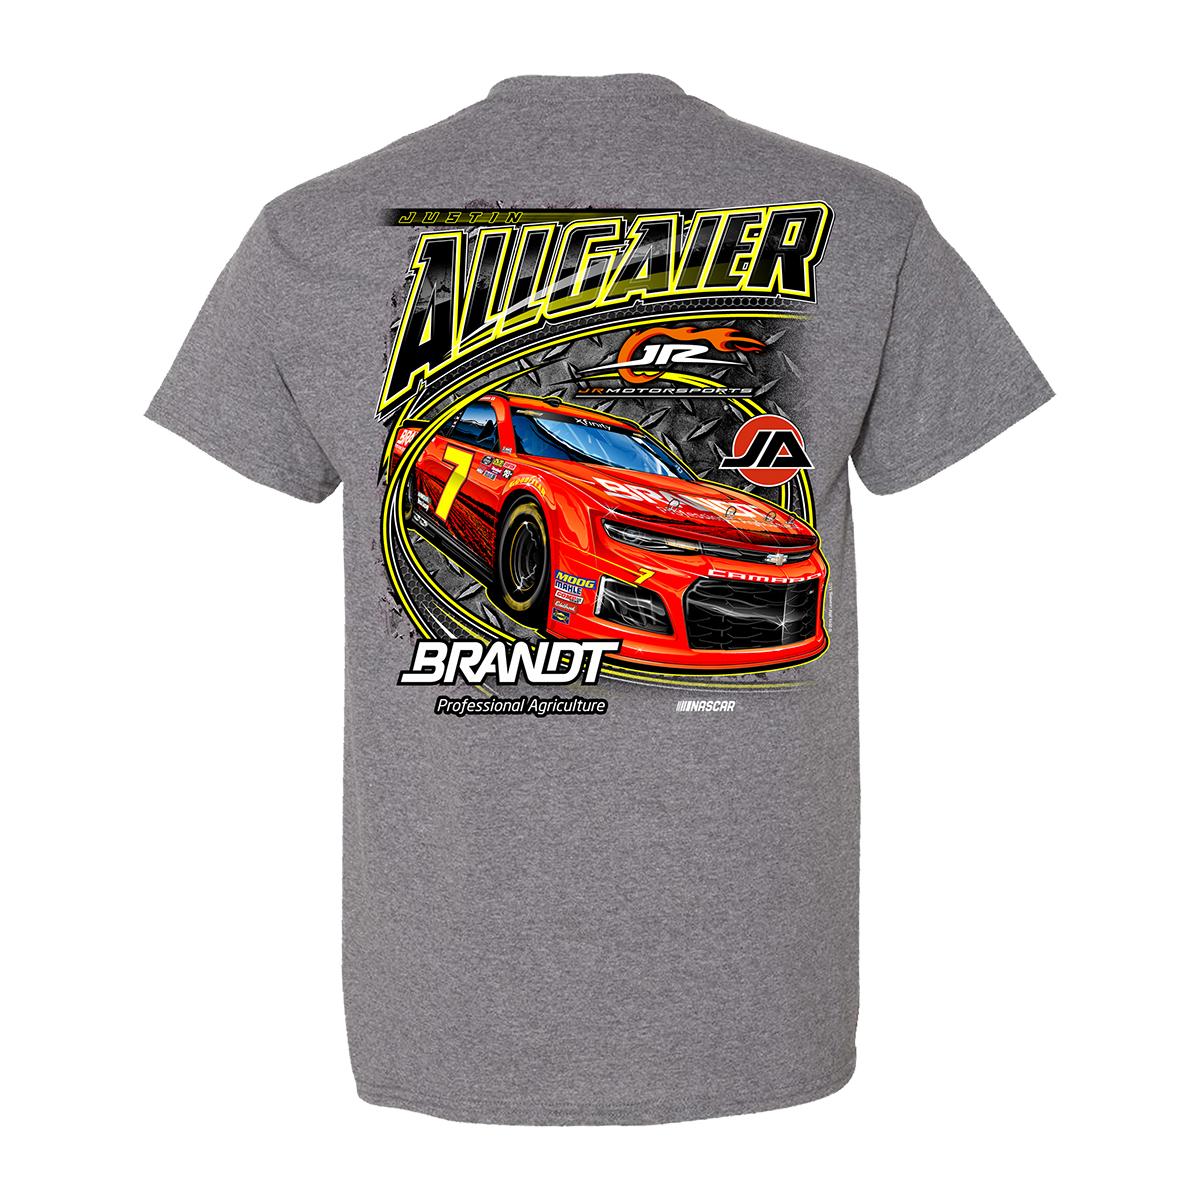 2019 #7 NASCAR Justin Allgaier Graphite Heather Brandt T-shirt